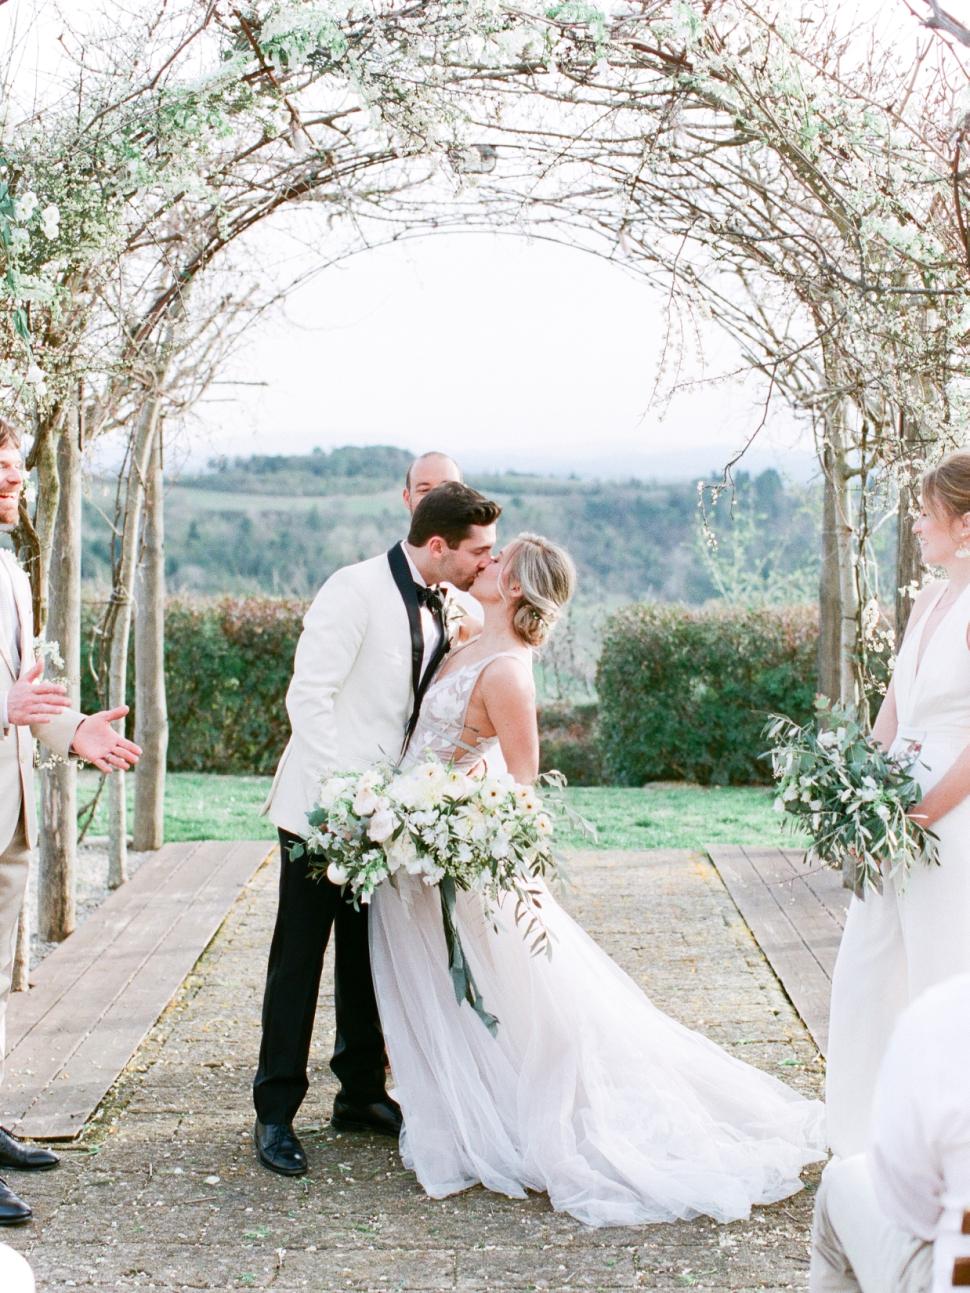 Tuscany-Destination-Wedding-Photographer-Cassi-Claire-Borgo-Petrognano-Florence-Wedding-25.jpg